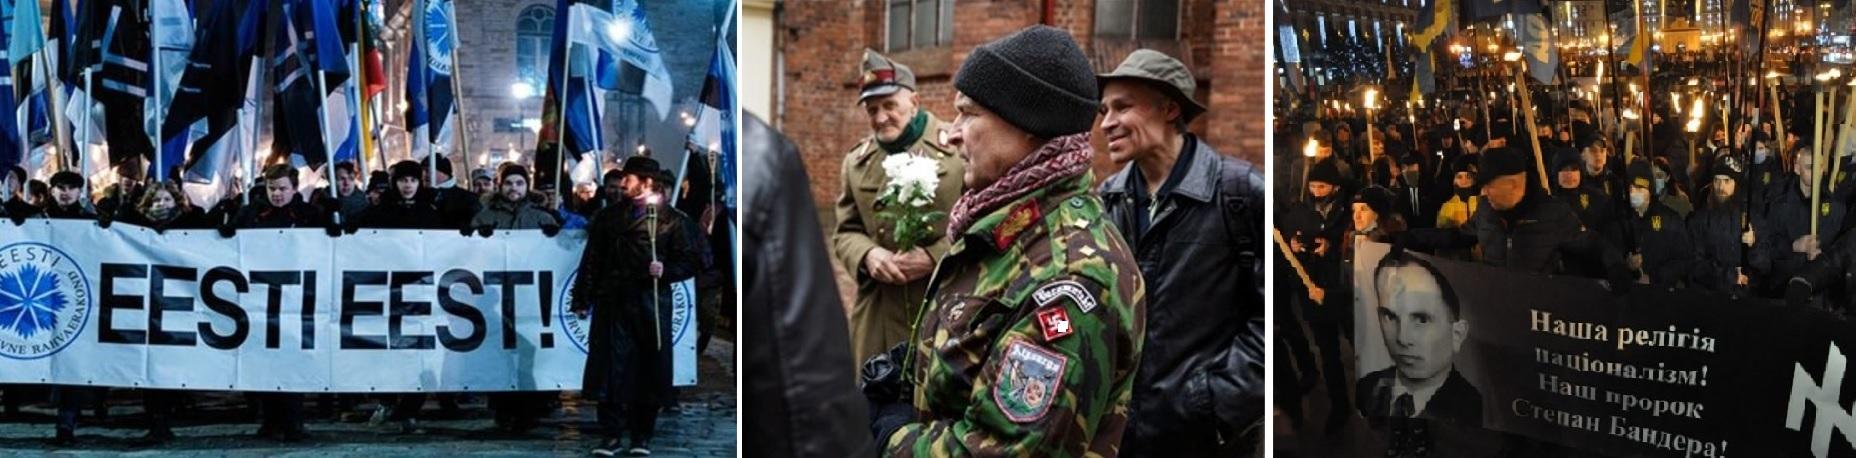 нацисты современной Украины и стран Балтии